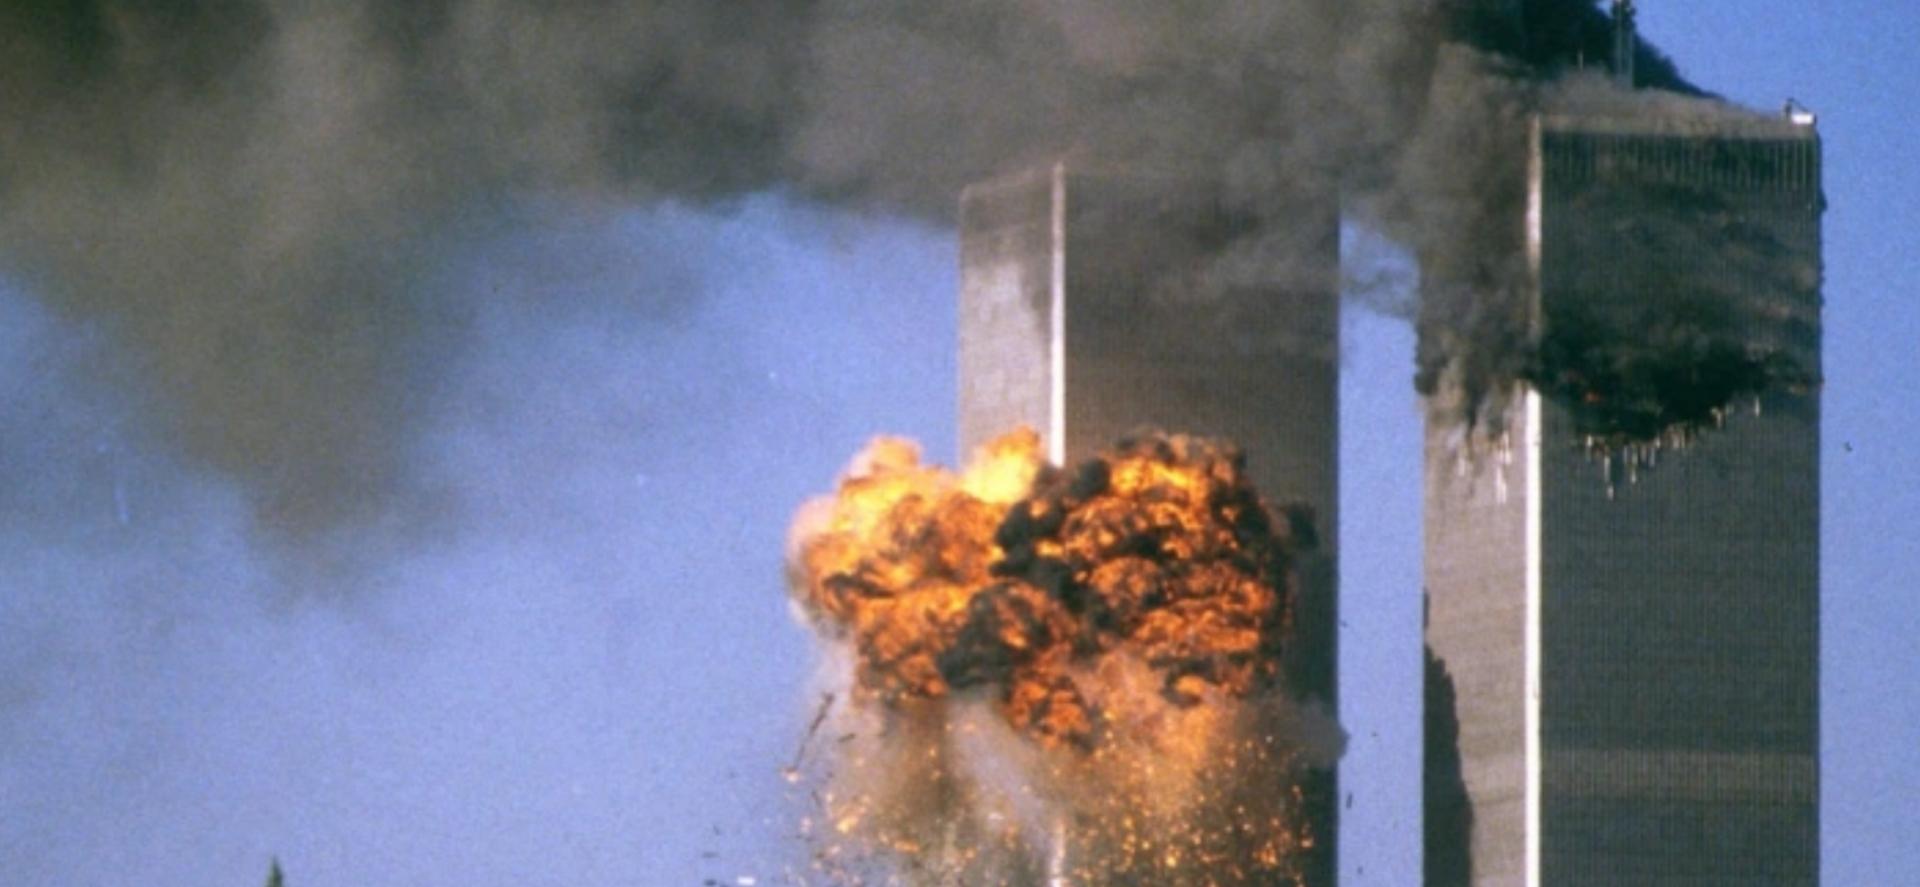 11 Eylül yıldönümünde ABD'den 24 Suudi yetkili için sorgu talimatı